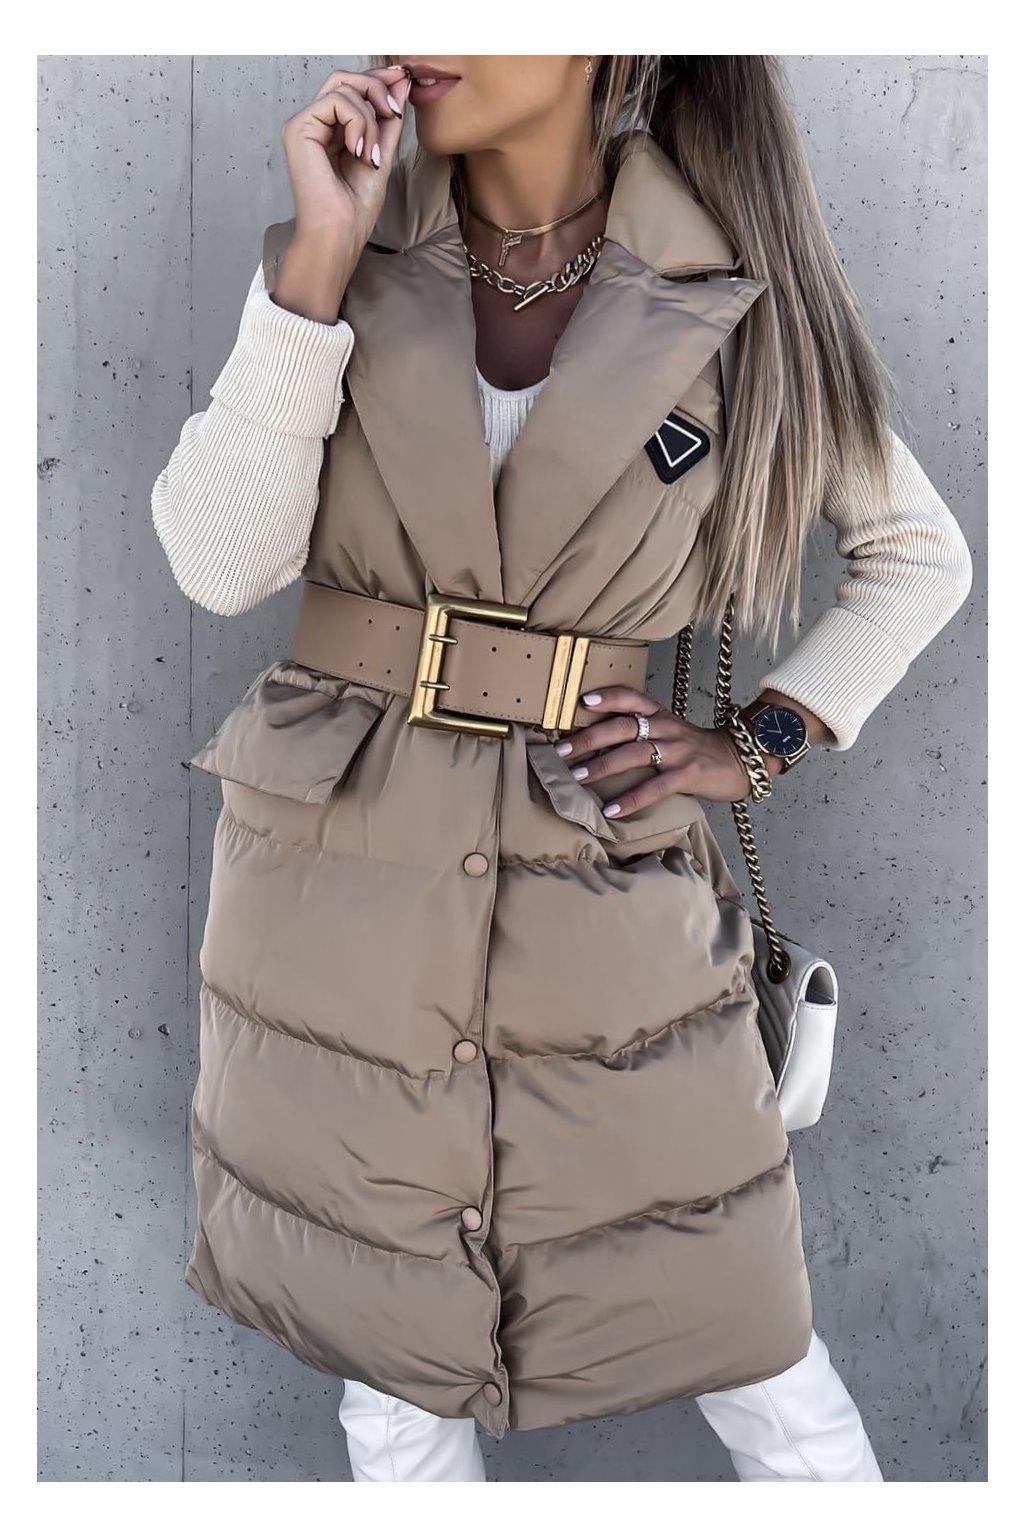 Luxusní béžová vesta Fashionista